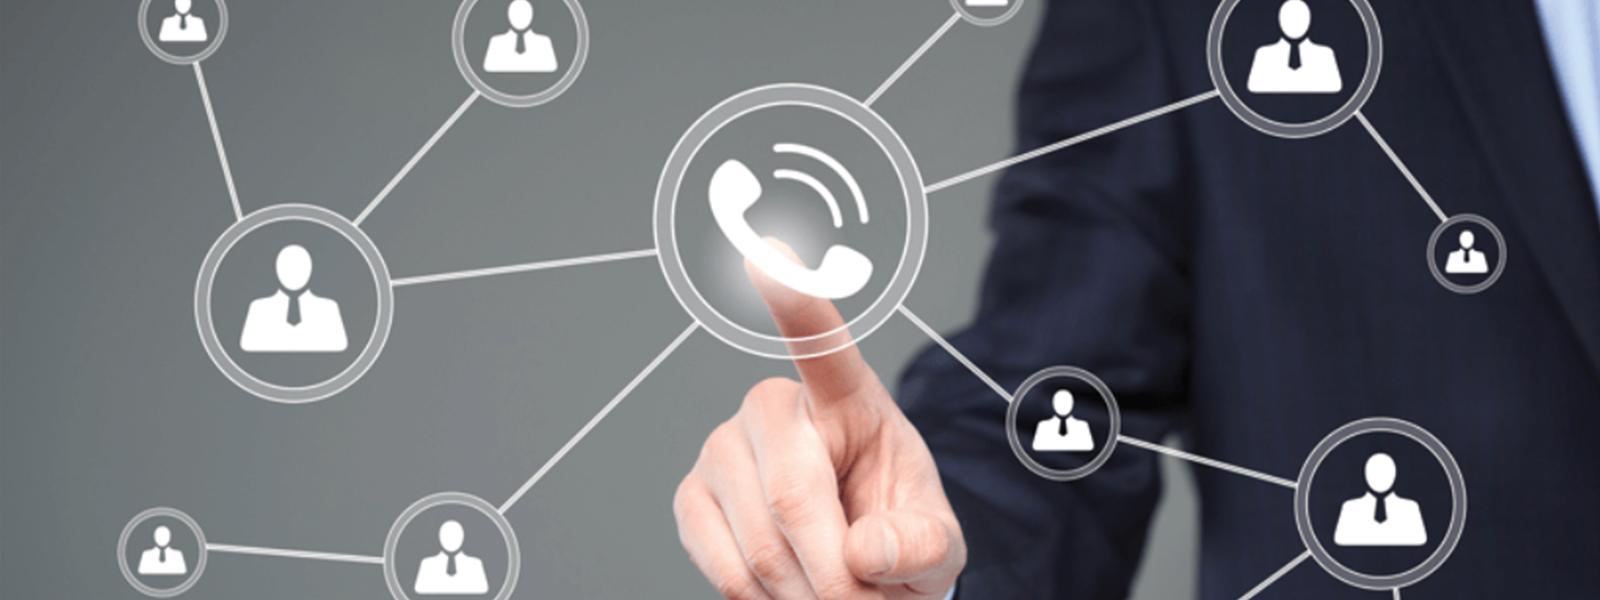 Contact us – Al Mana Computer Services